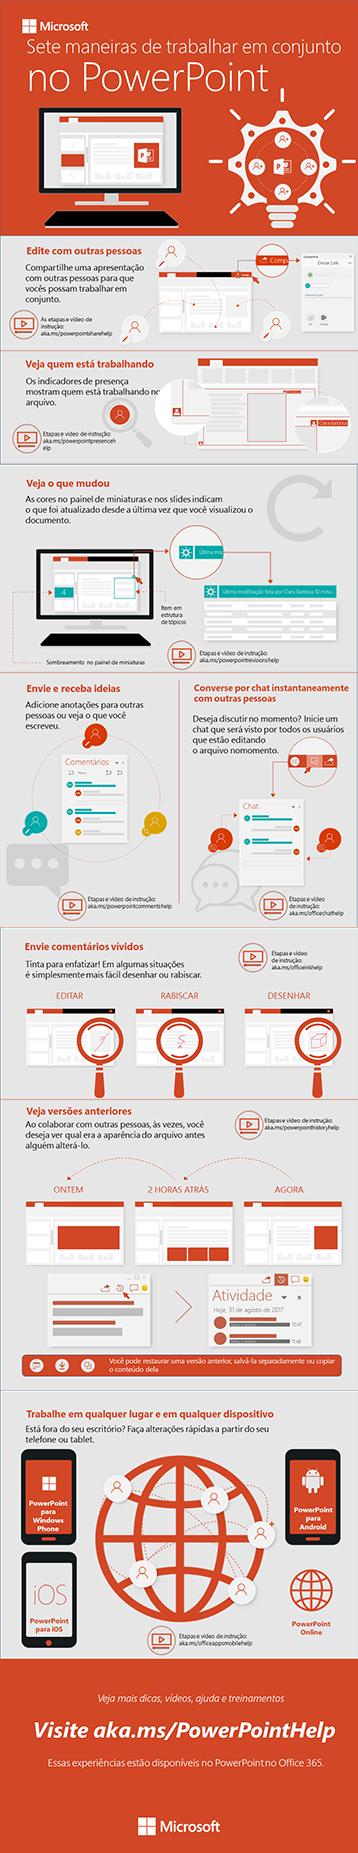 Maneiras de trabalhar em conjunto no infográfico do PowerPoint